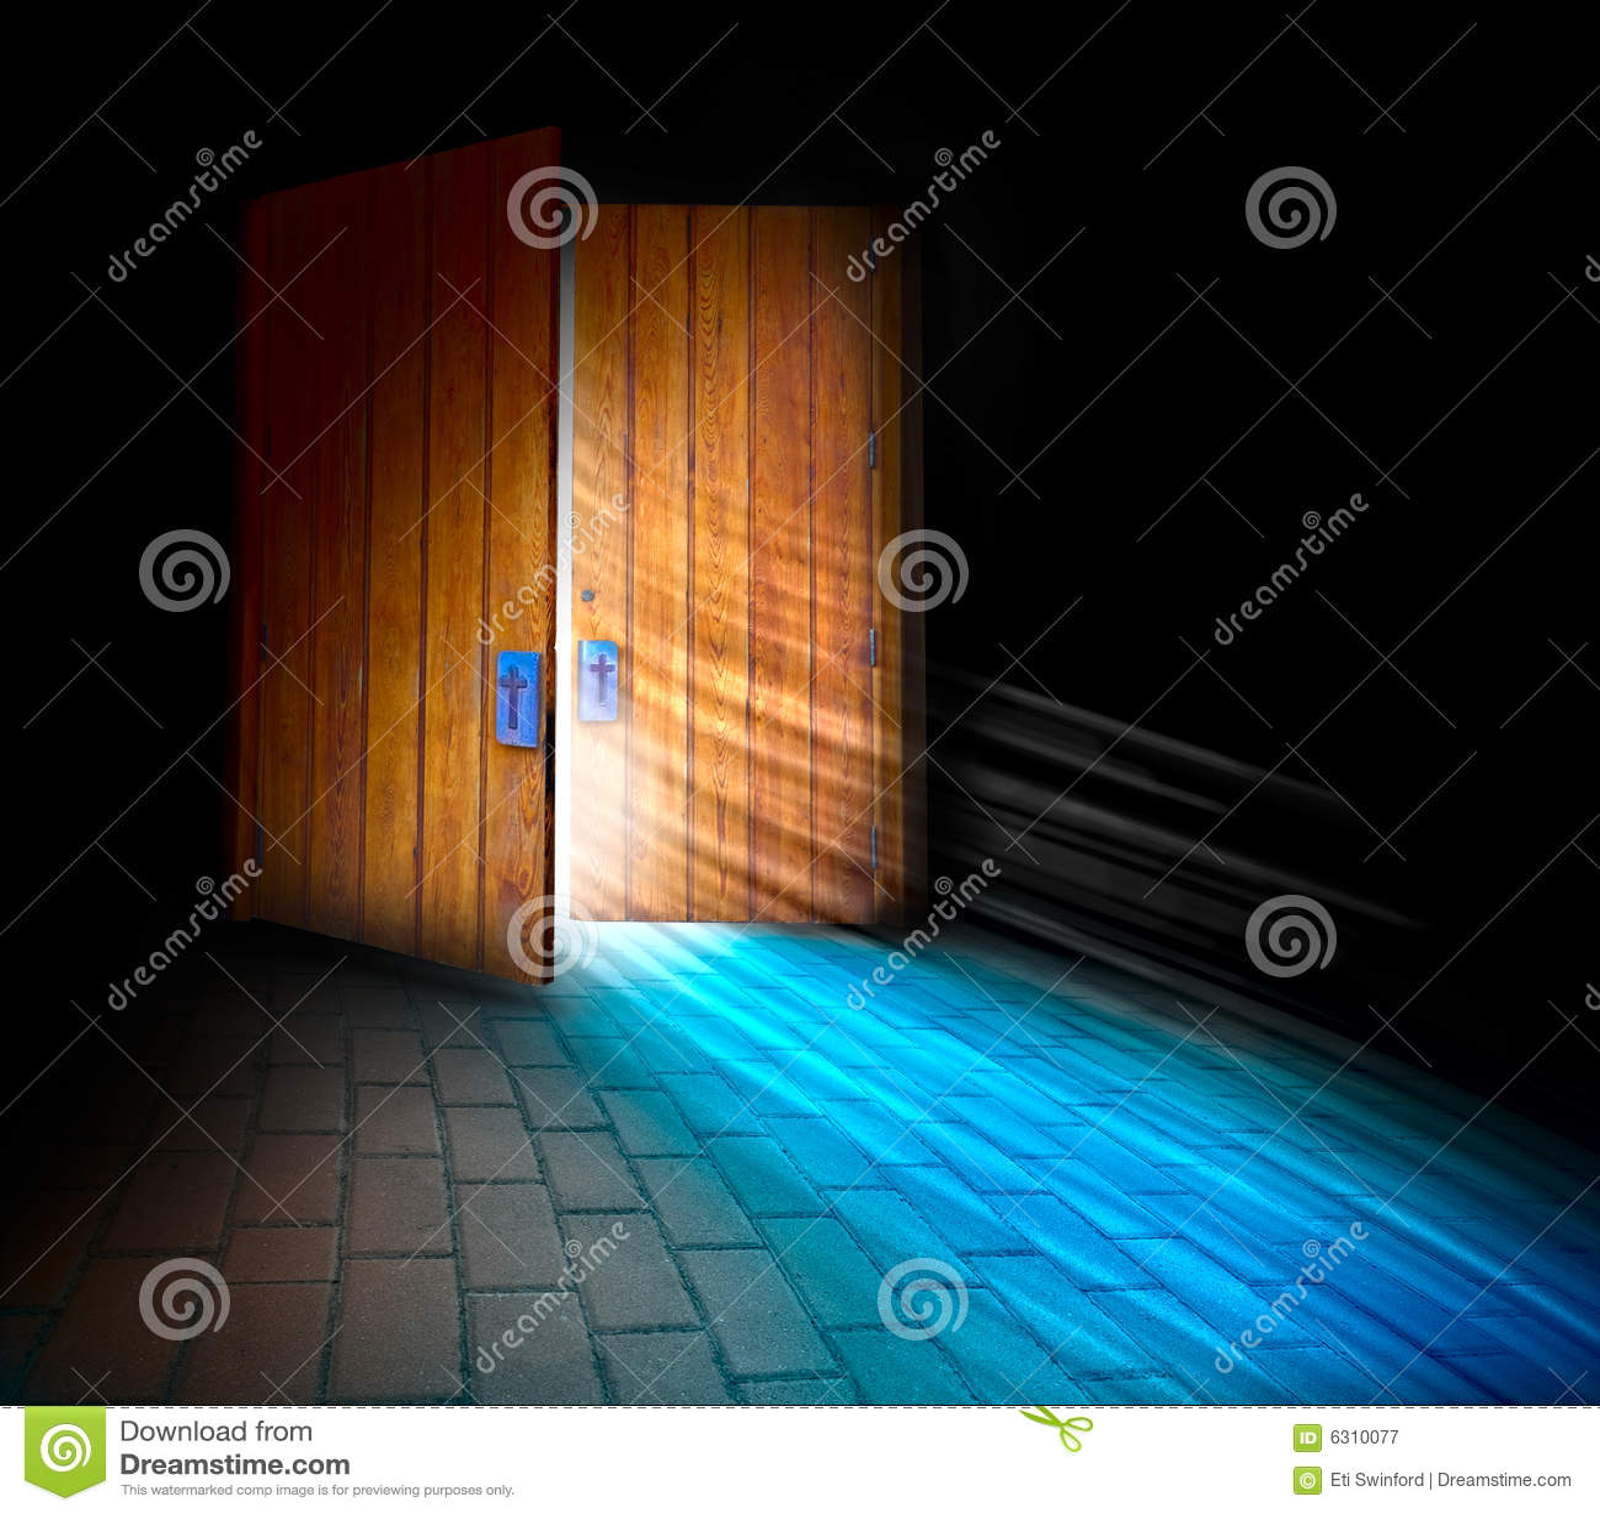 Heavens doors